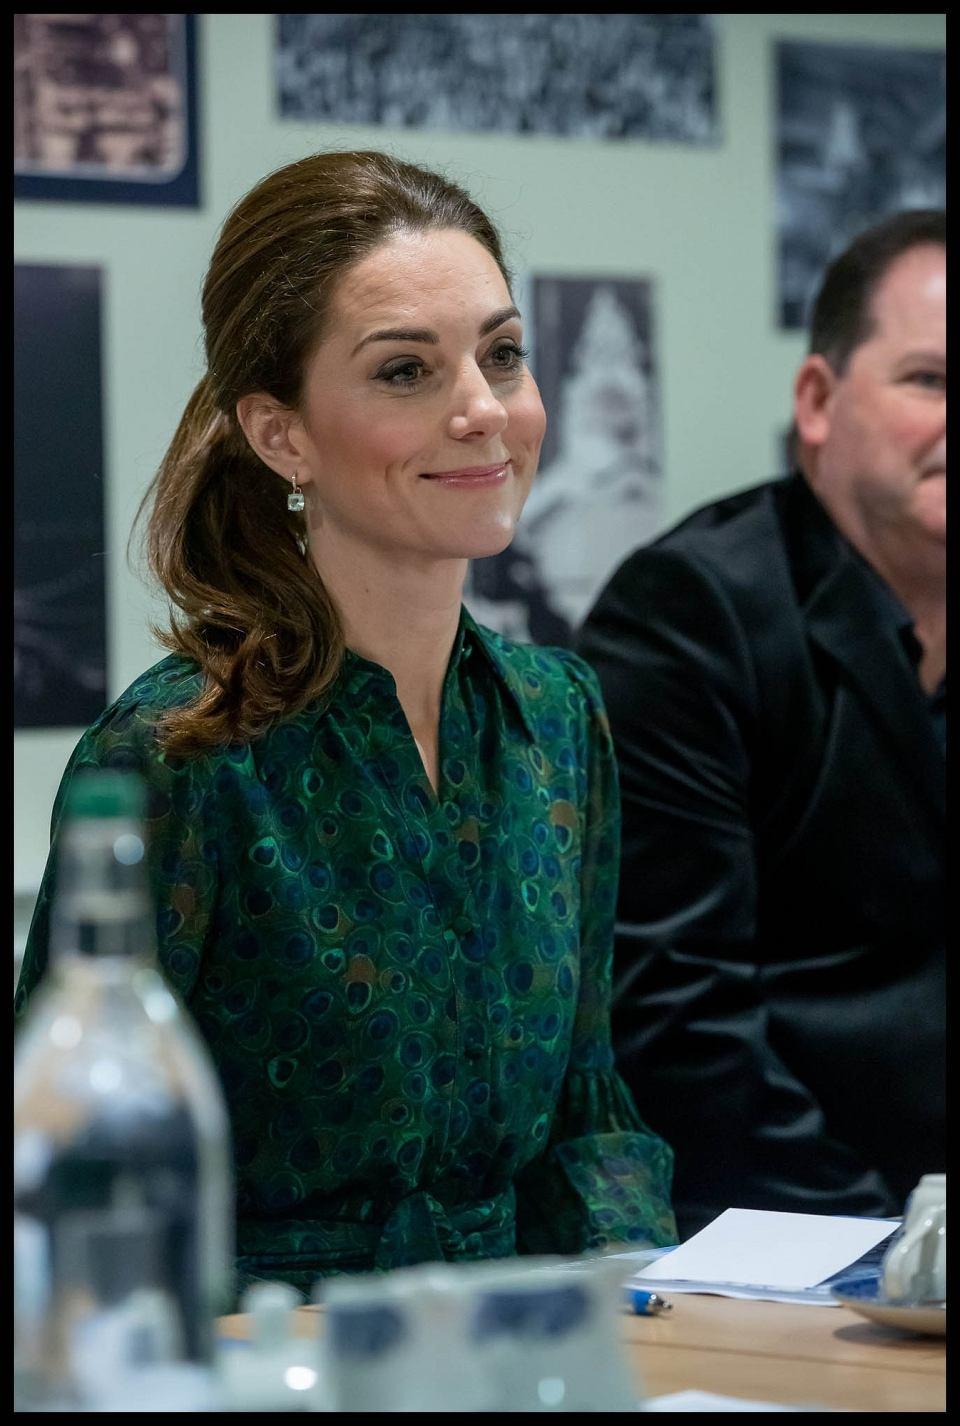 9761cbaac0 Księżna Kate w wysokich kozakach i oliwkowym płaszczu za prawie 5 tys. zł.  Ale spójrzcie na oryginalny wzór na sukience